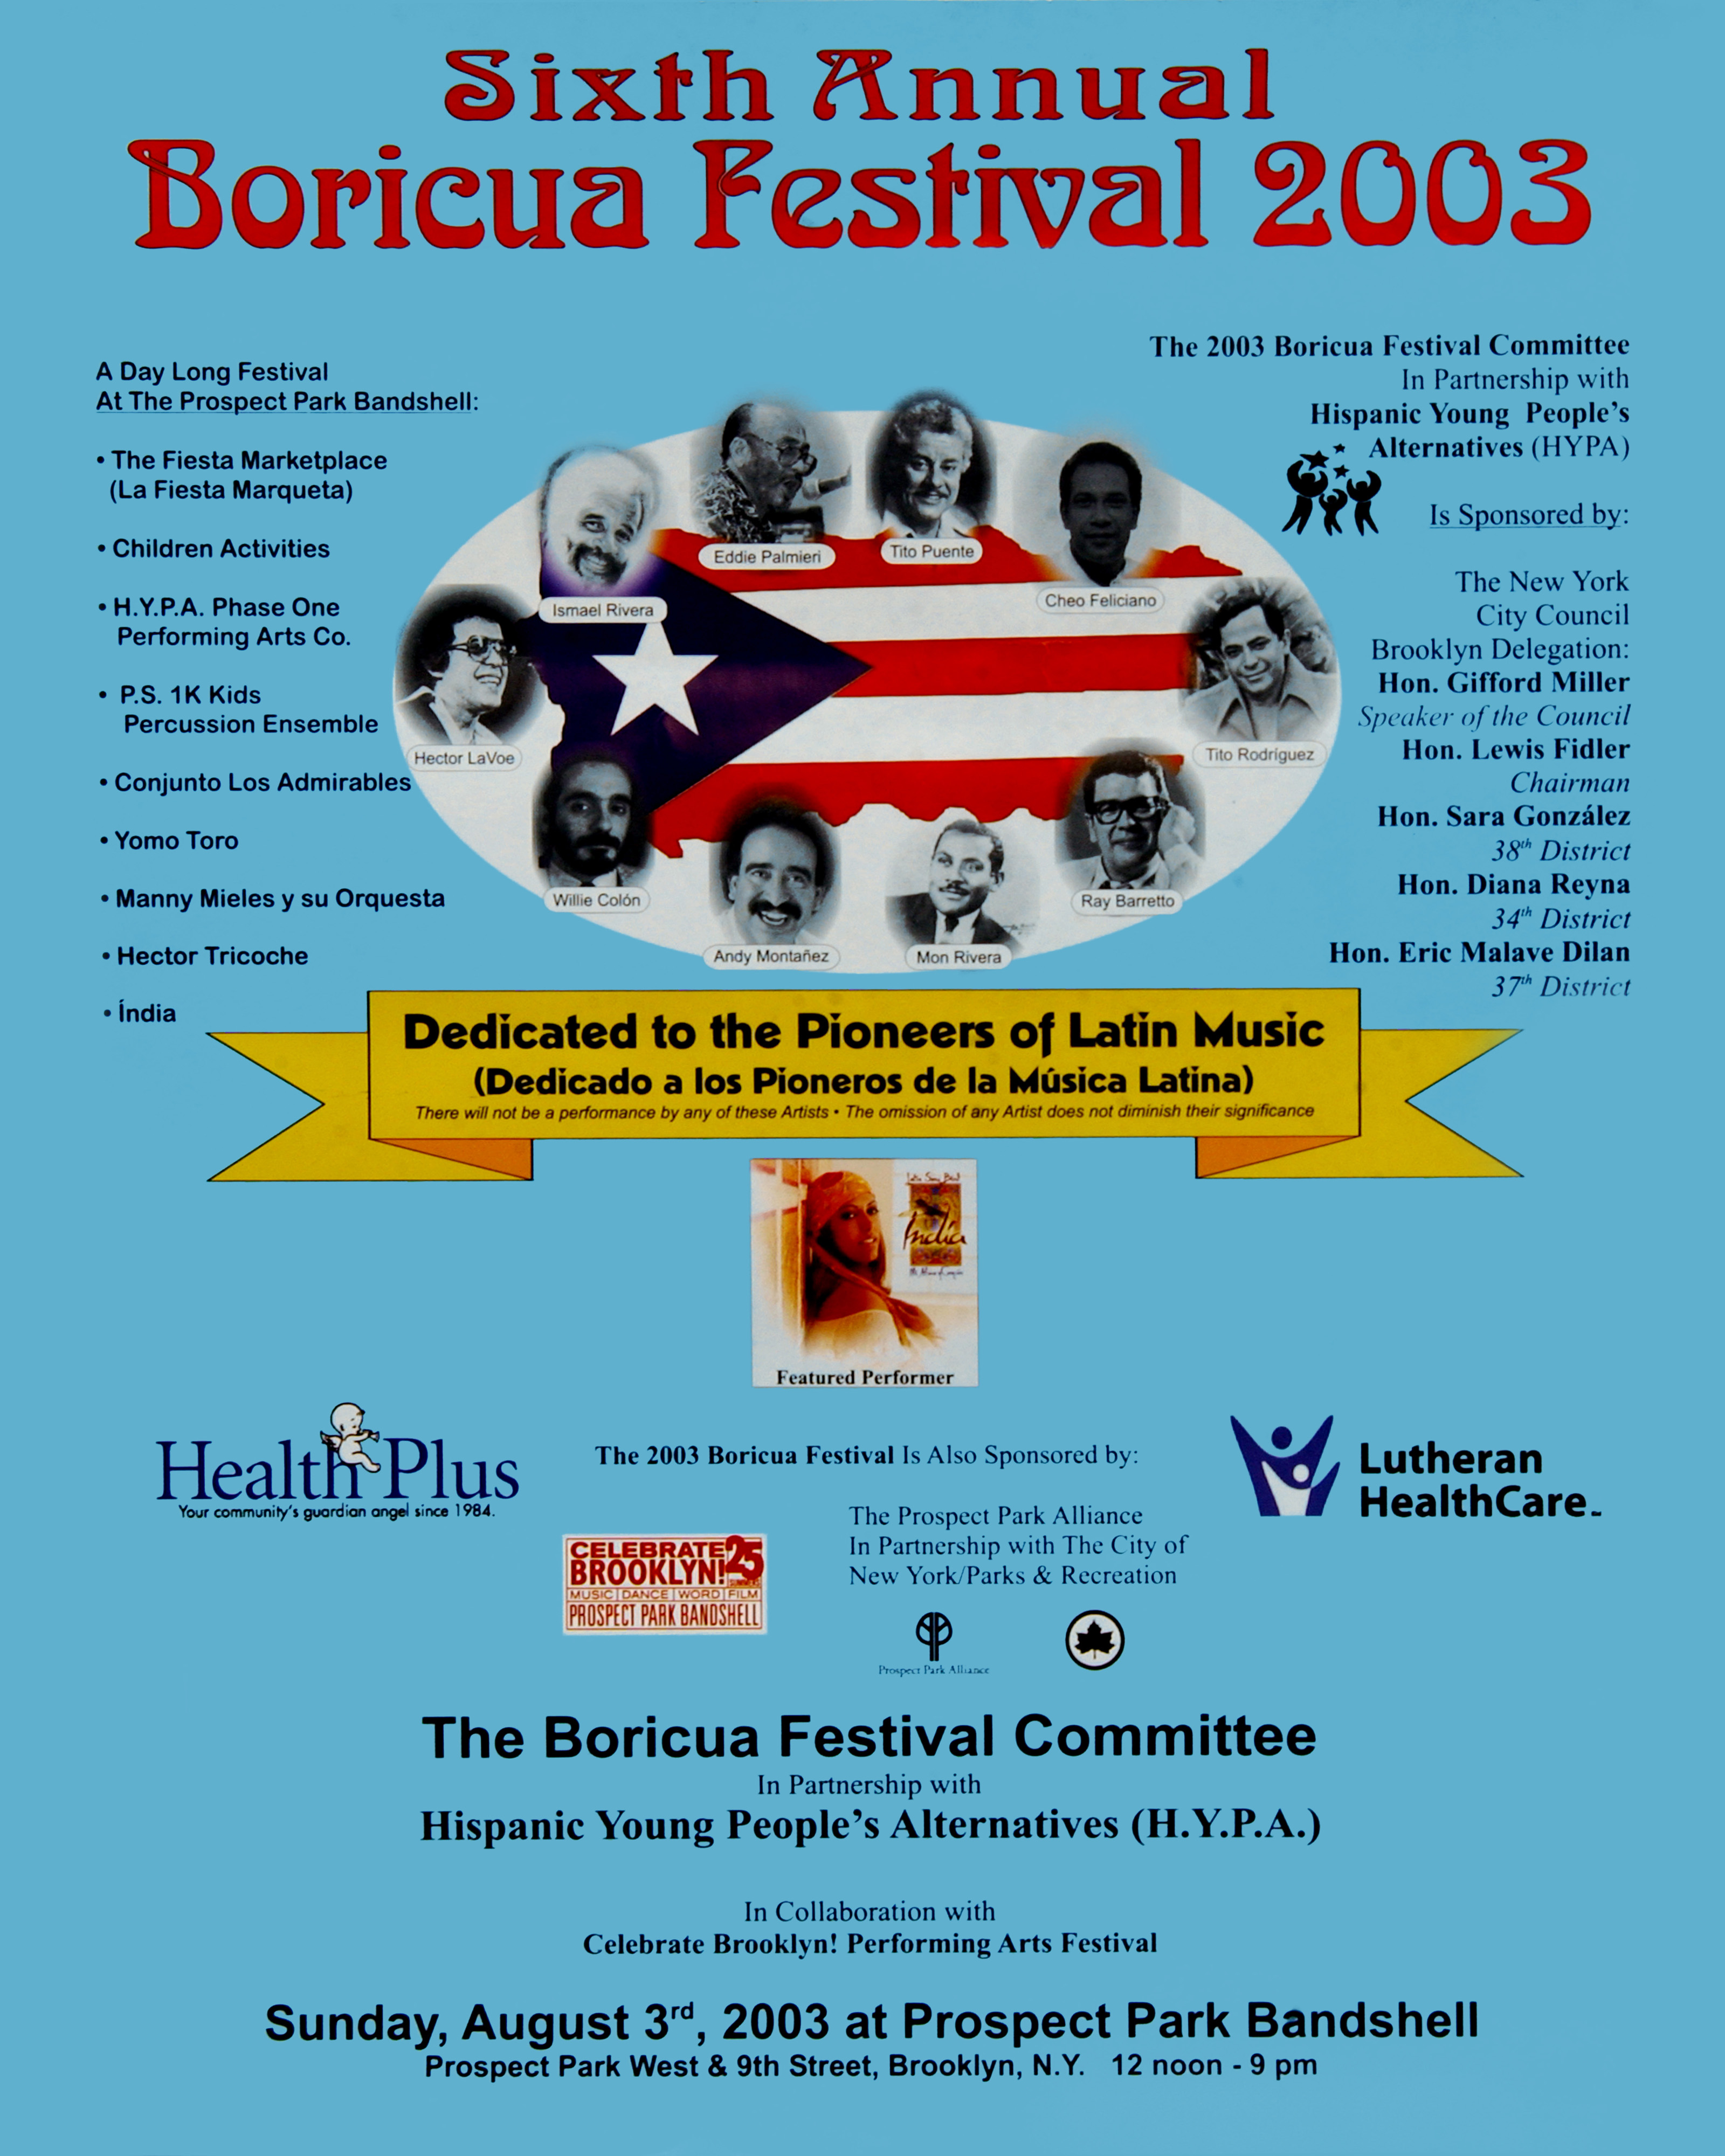 Boricua Festival 2003 Poster